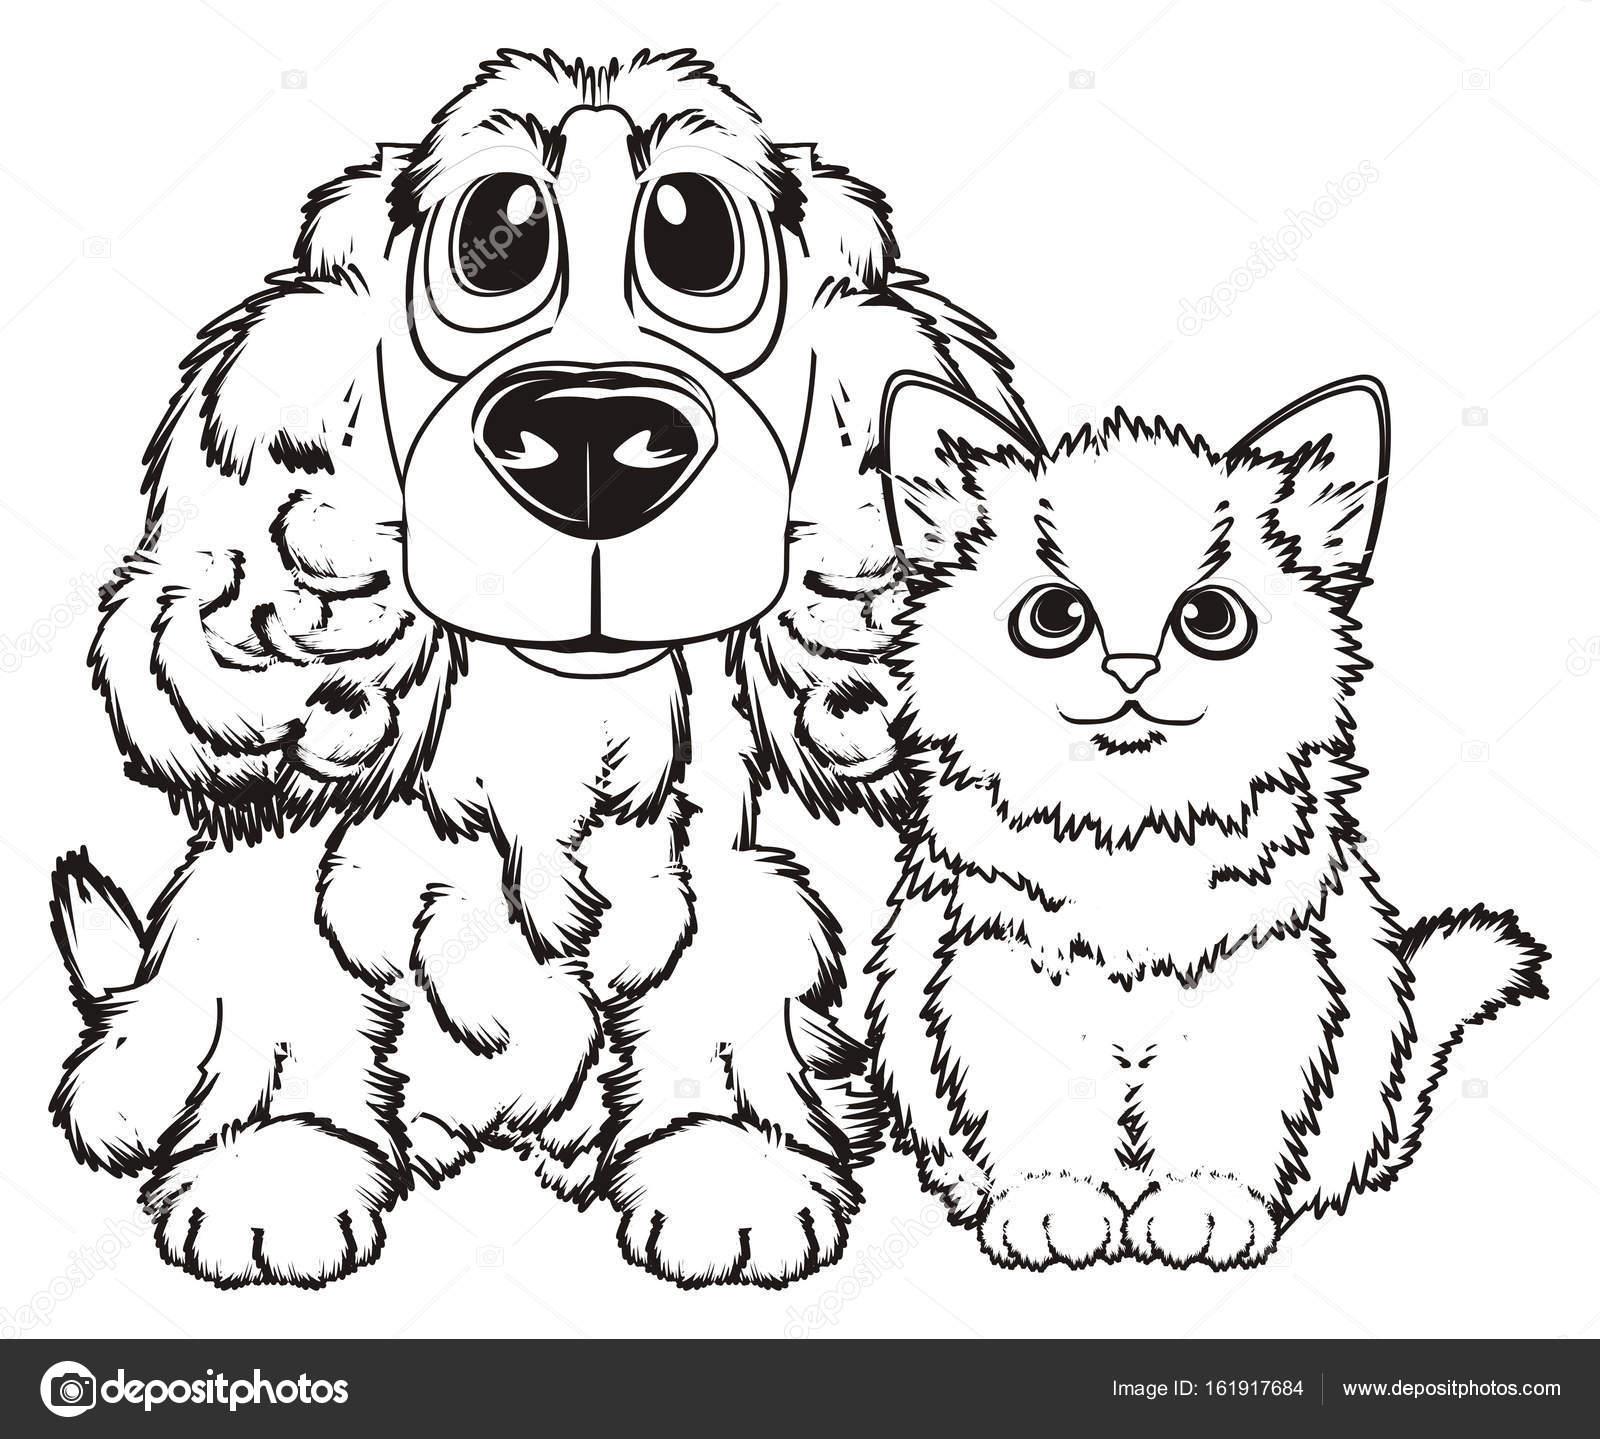 Kleurplaten Van Huisdieren.Twee Huisdieren Kleurplaten Stockfoto C Tatty77tatty